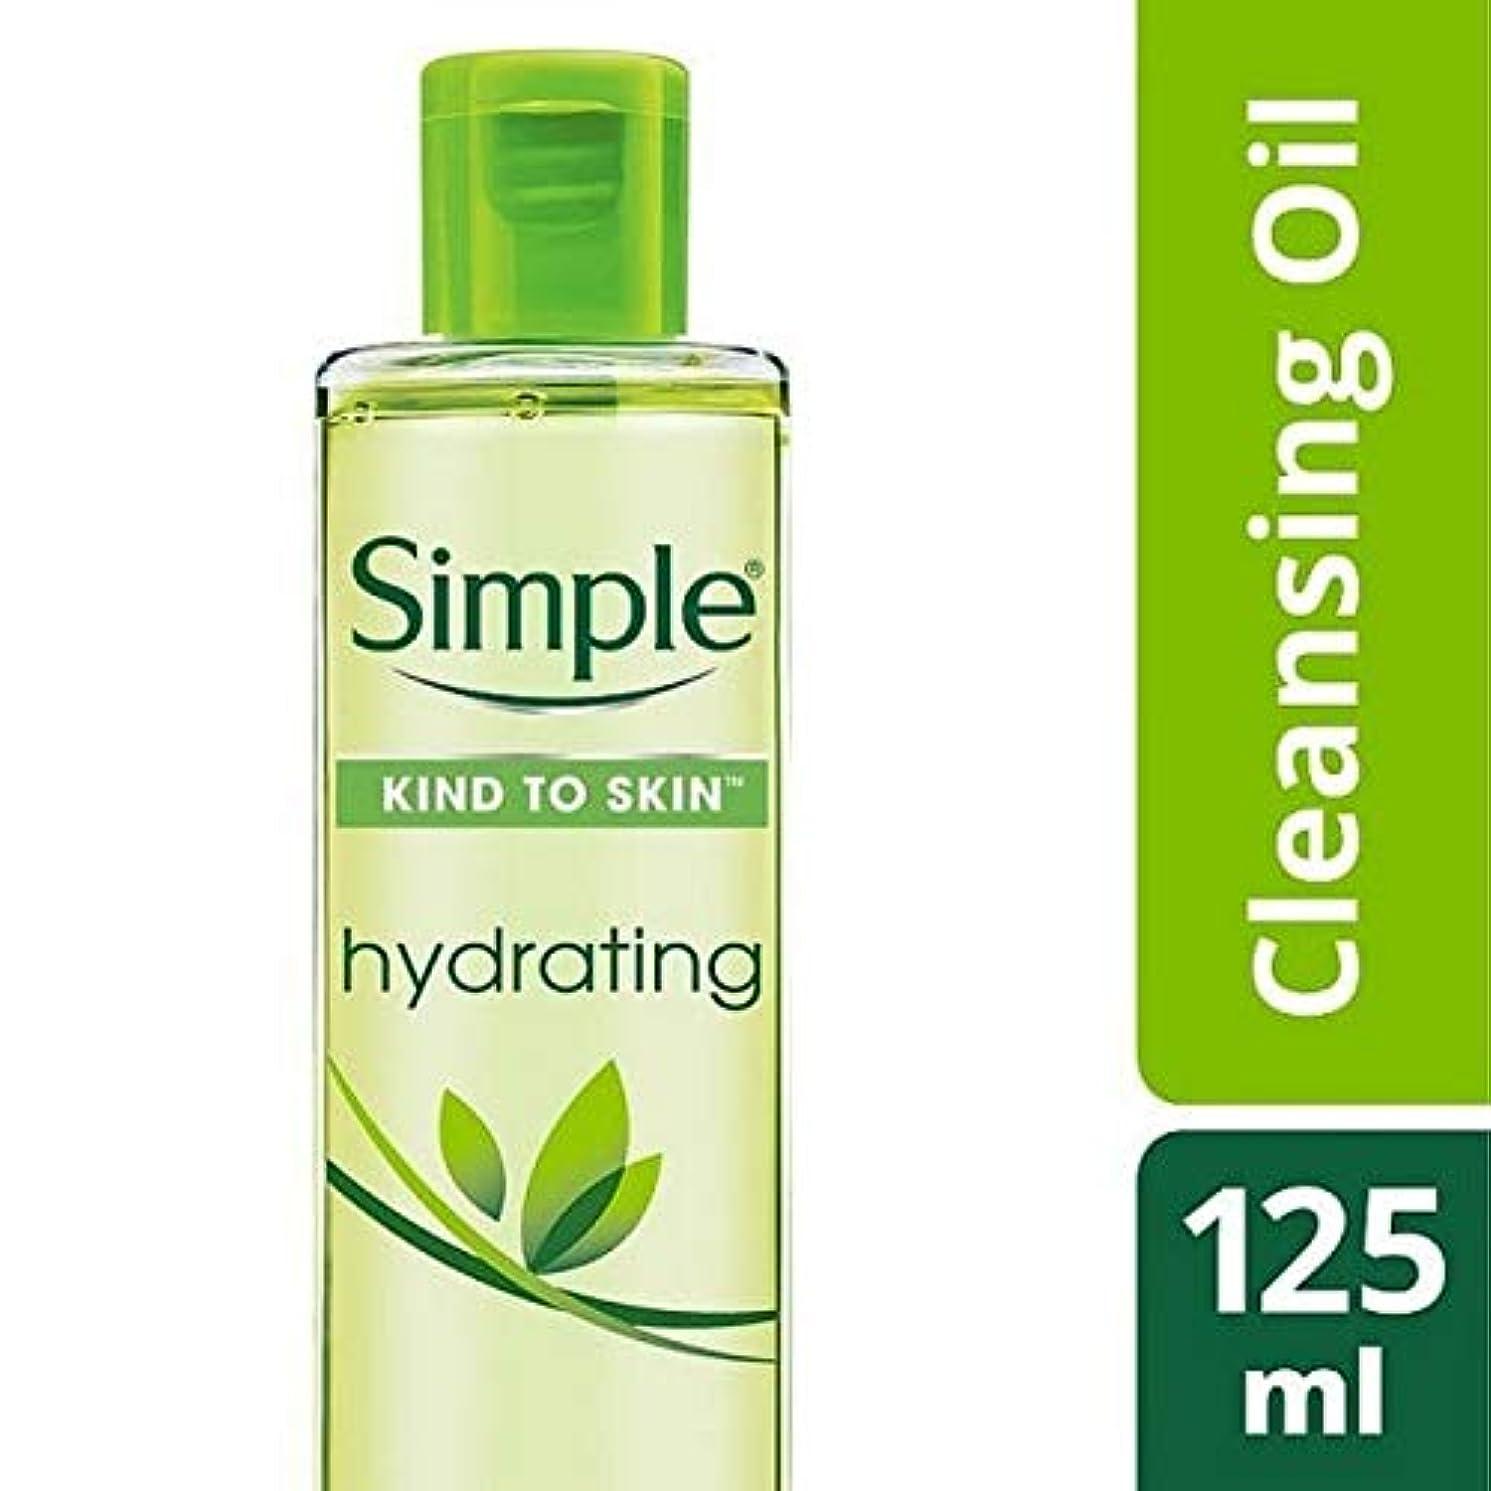 オプション終わらせる退屈な[Simple ] 皮膚の水和クレンジングオイル125ミリリットルに、単純な種類 - Simple Kind To Skin Hydrating Cleansing Oil 125ml [並行輸入品]